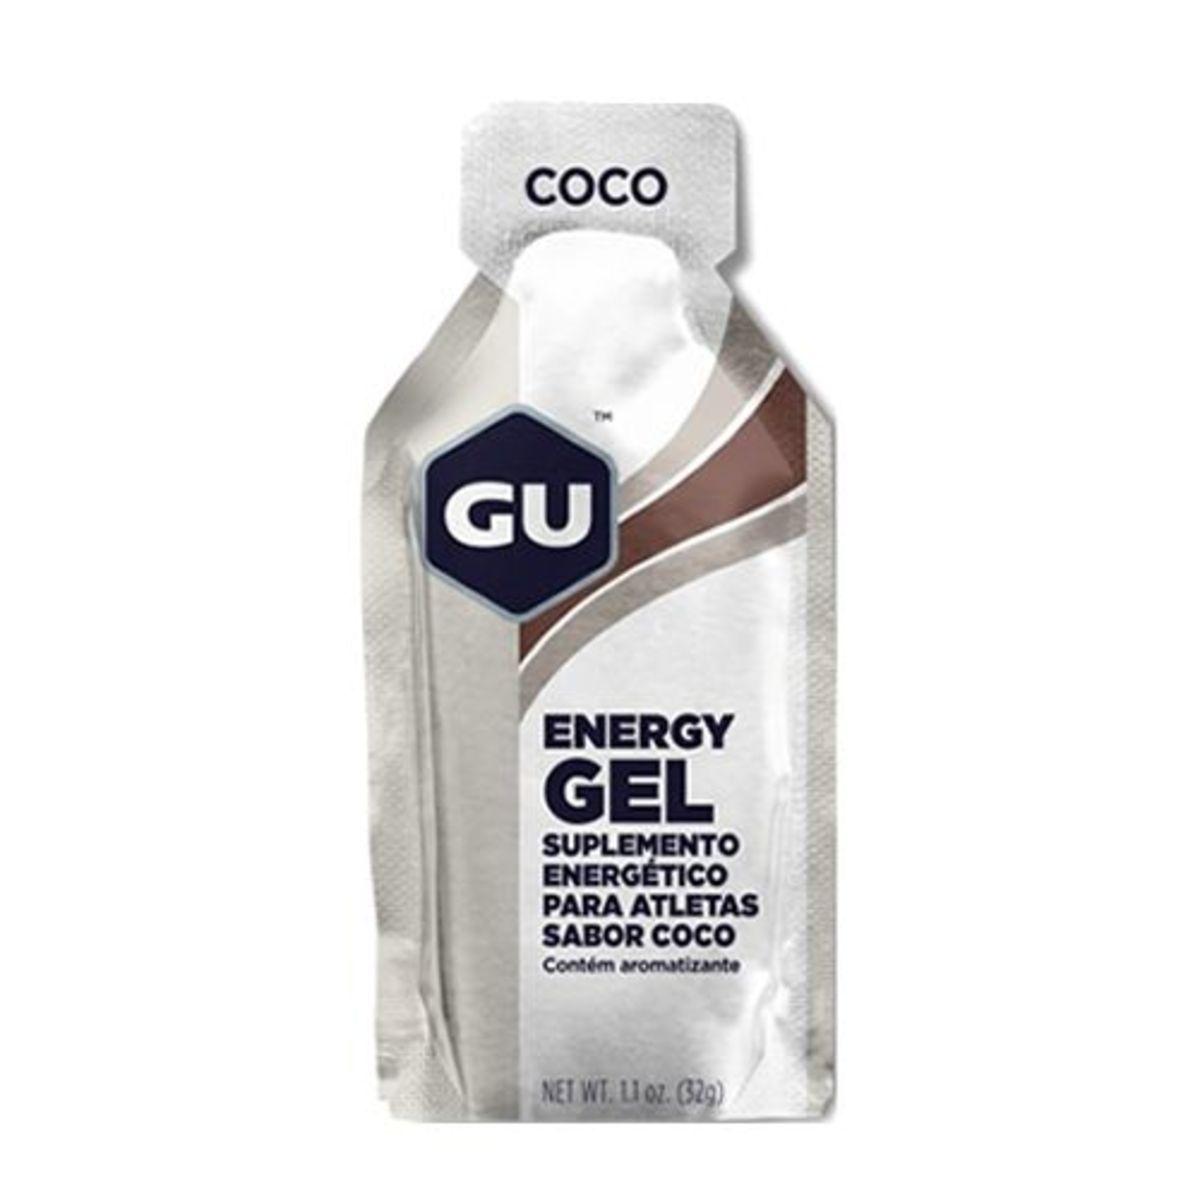 Energy Gel - Sabor Coco 1 Sachês 32g - GU*** Data Venc. 30/01/2020